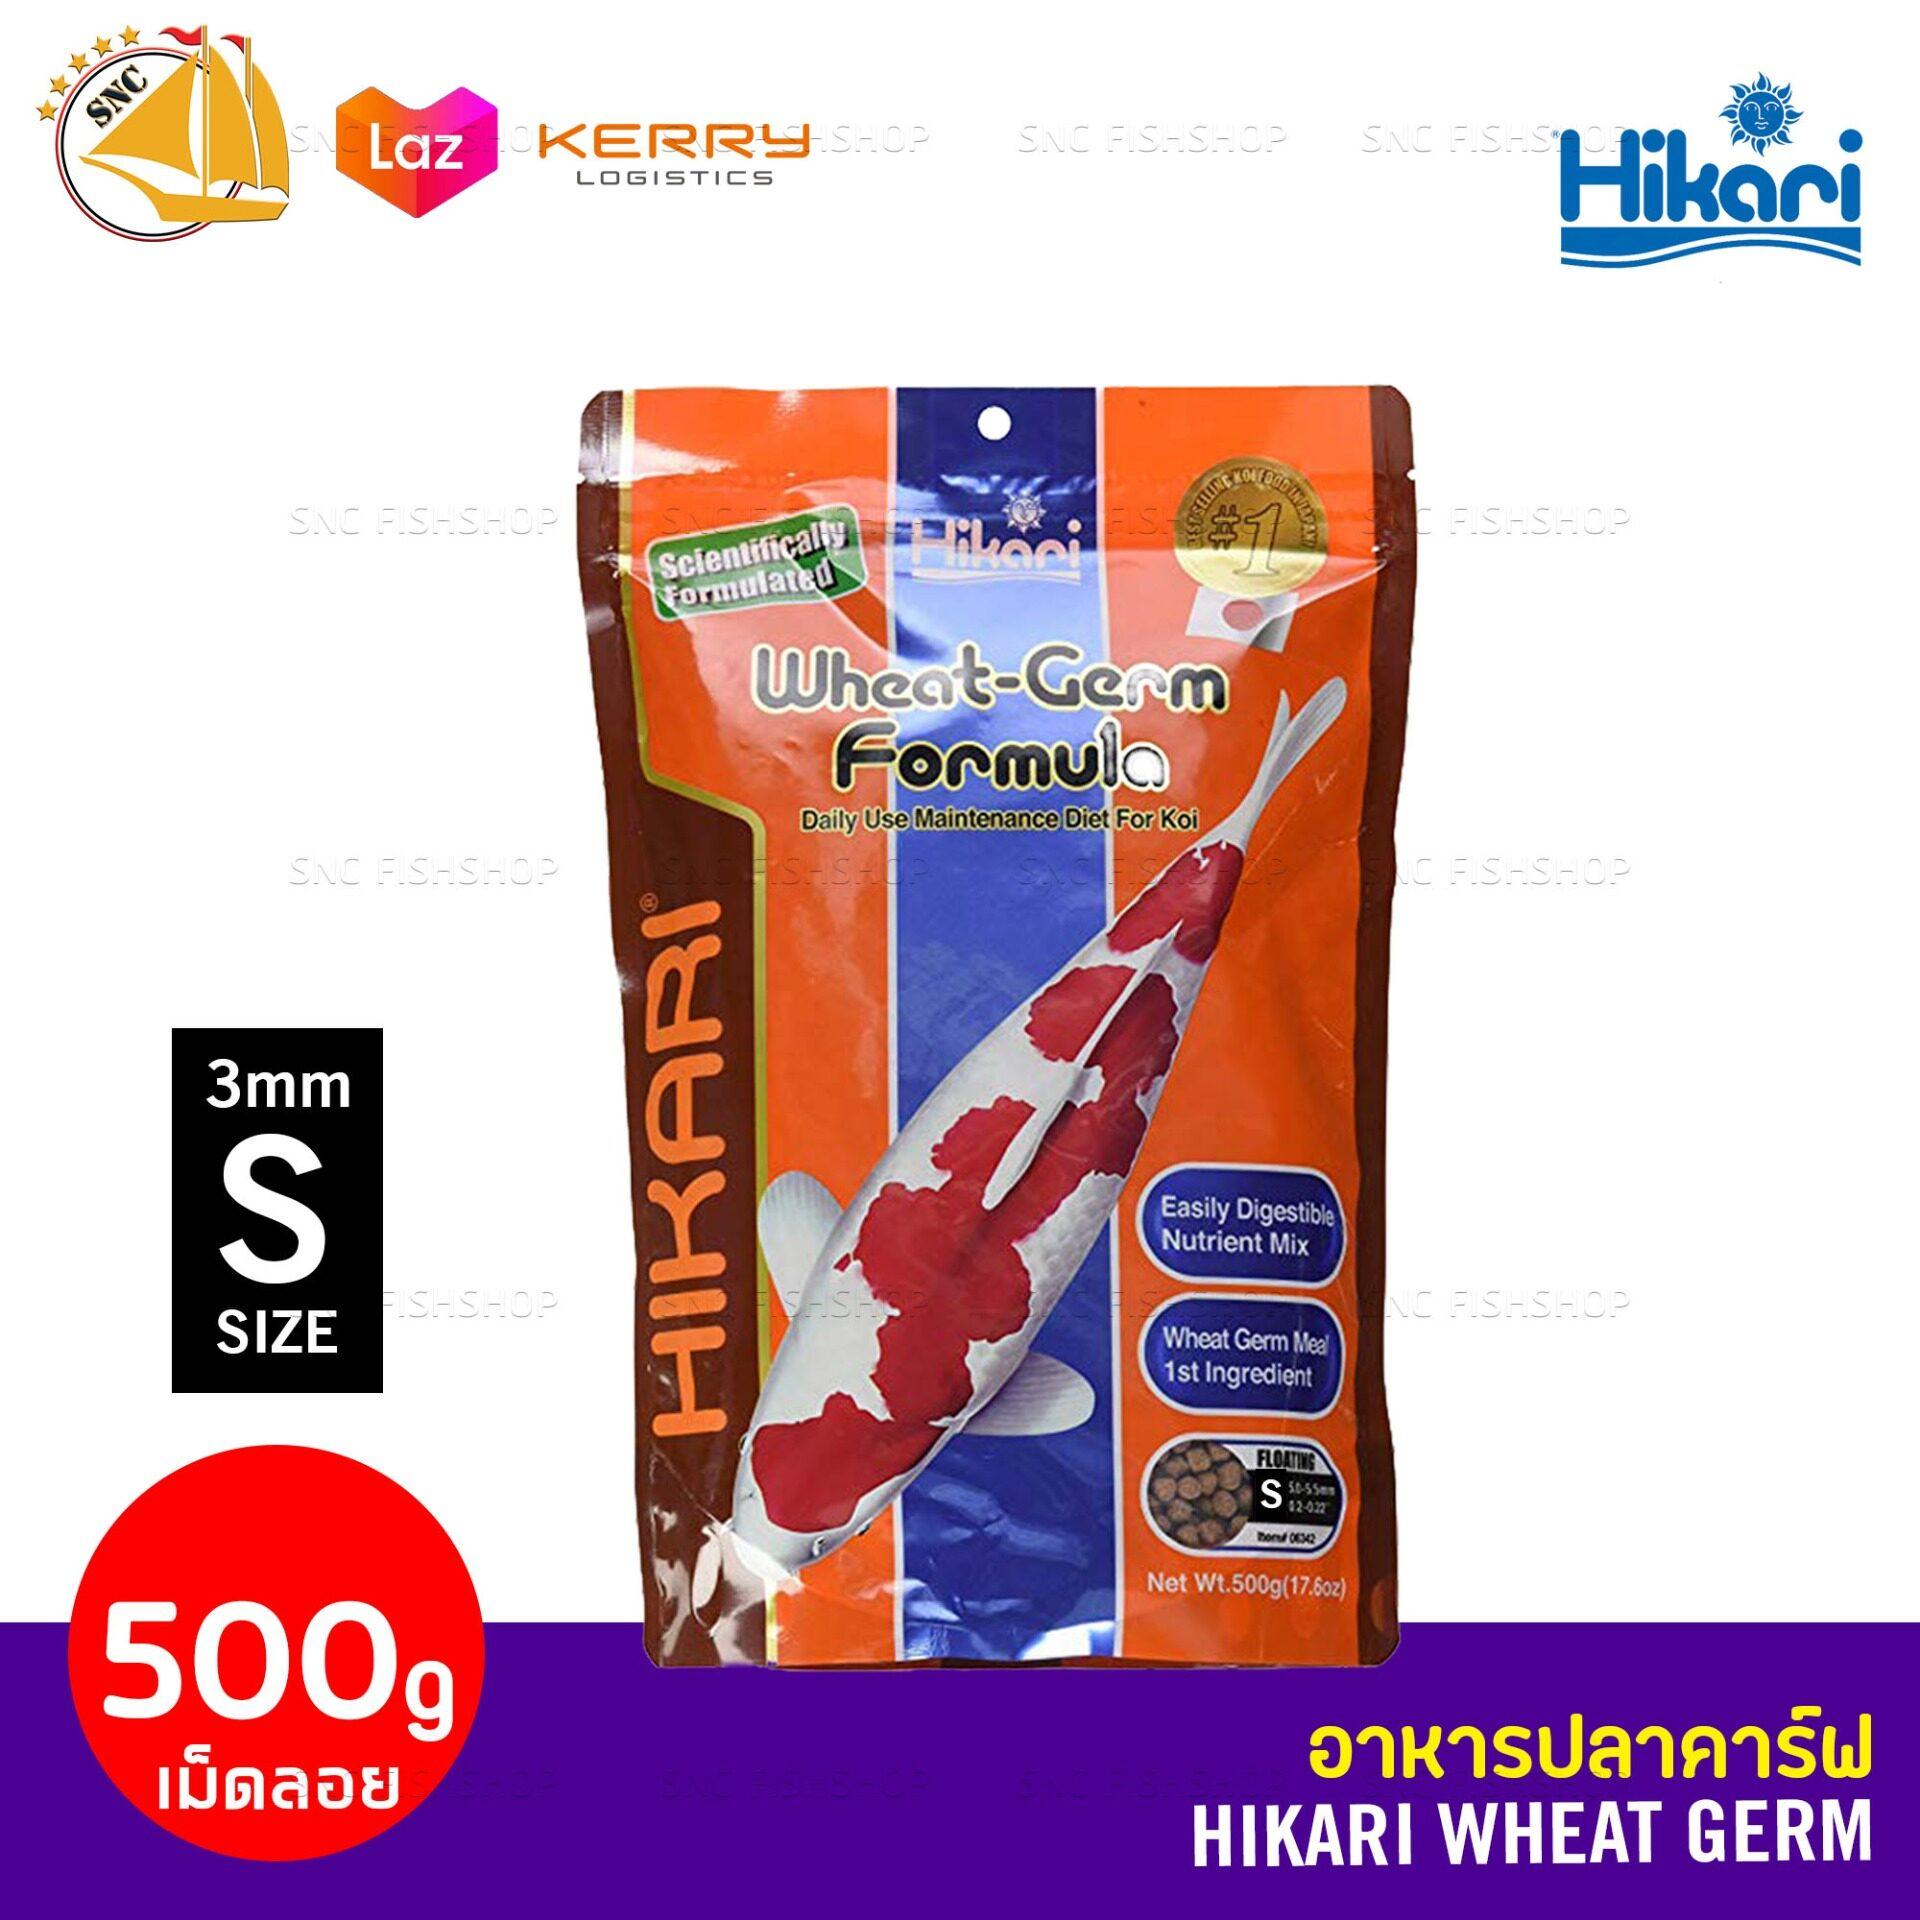 อาหารปลาคาร์ฟ Hikari Wheat-Germ 500g. (S) บำรุงผิว